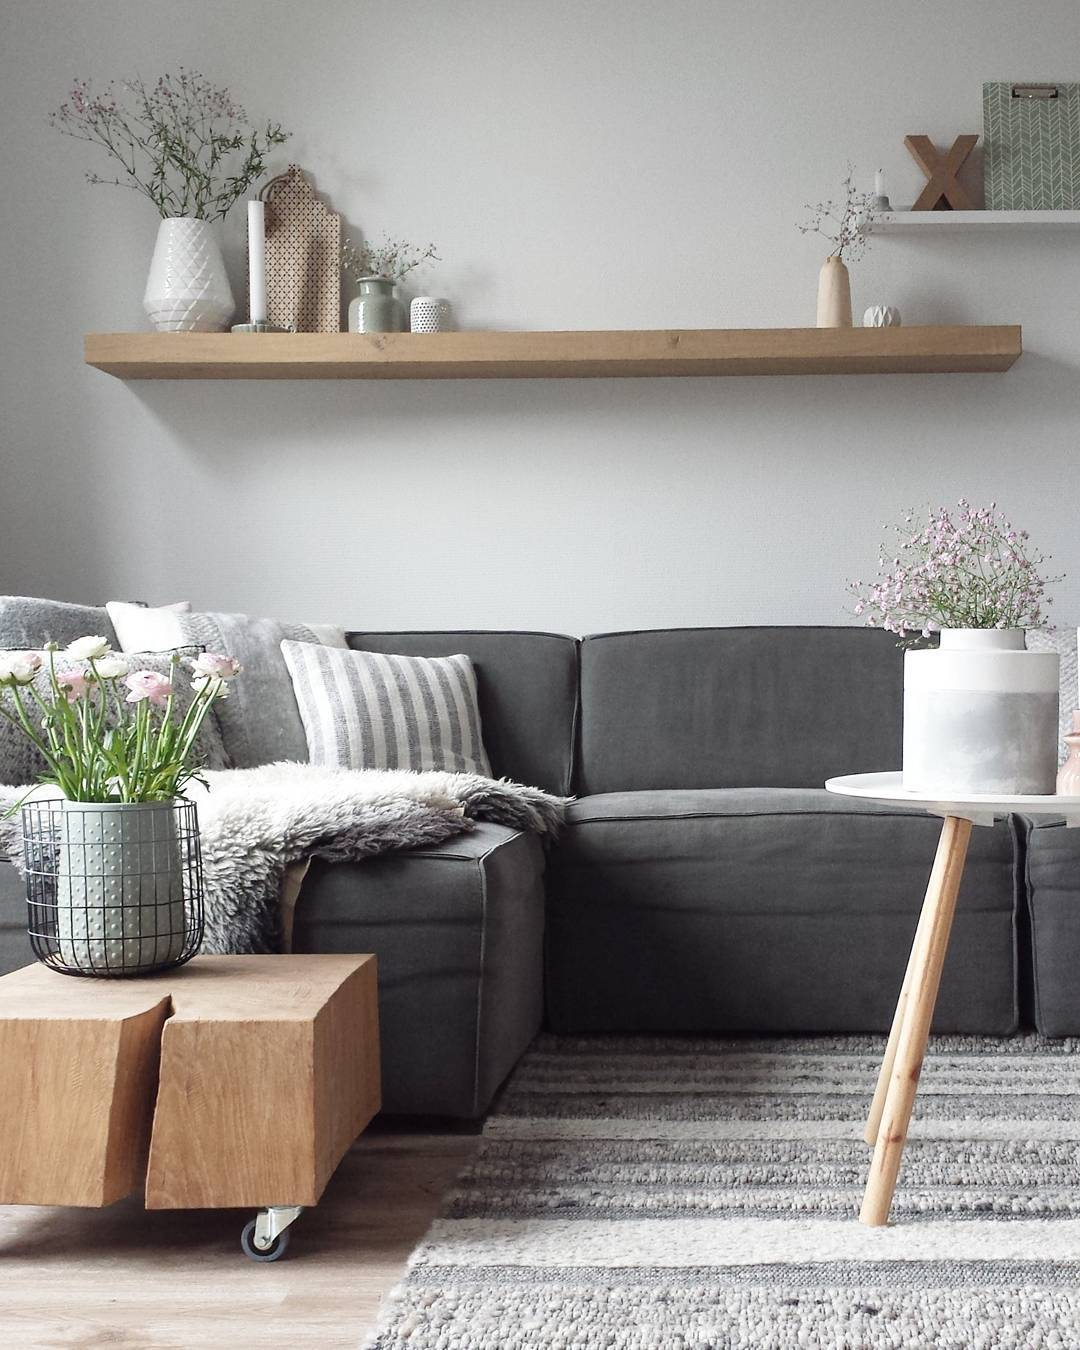 Цветя и керамична ваза може да бъде красива декорация за вашия дом. Цветя подобрява вашата енергия и енергията на вашето пространство. Изкуствени цветя излъчват отрицателна енергия, така че можете да се опитате да го избегне.